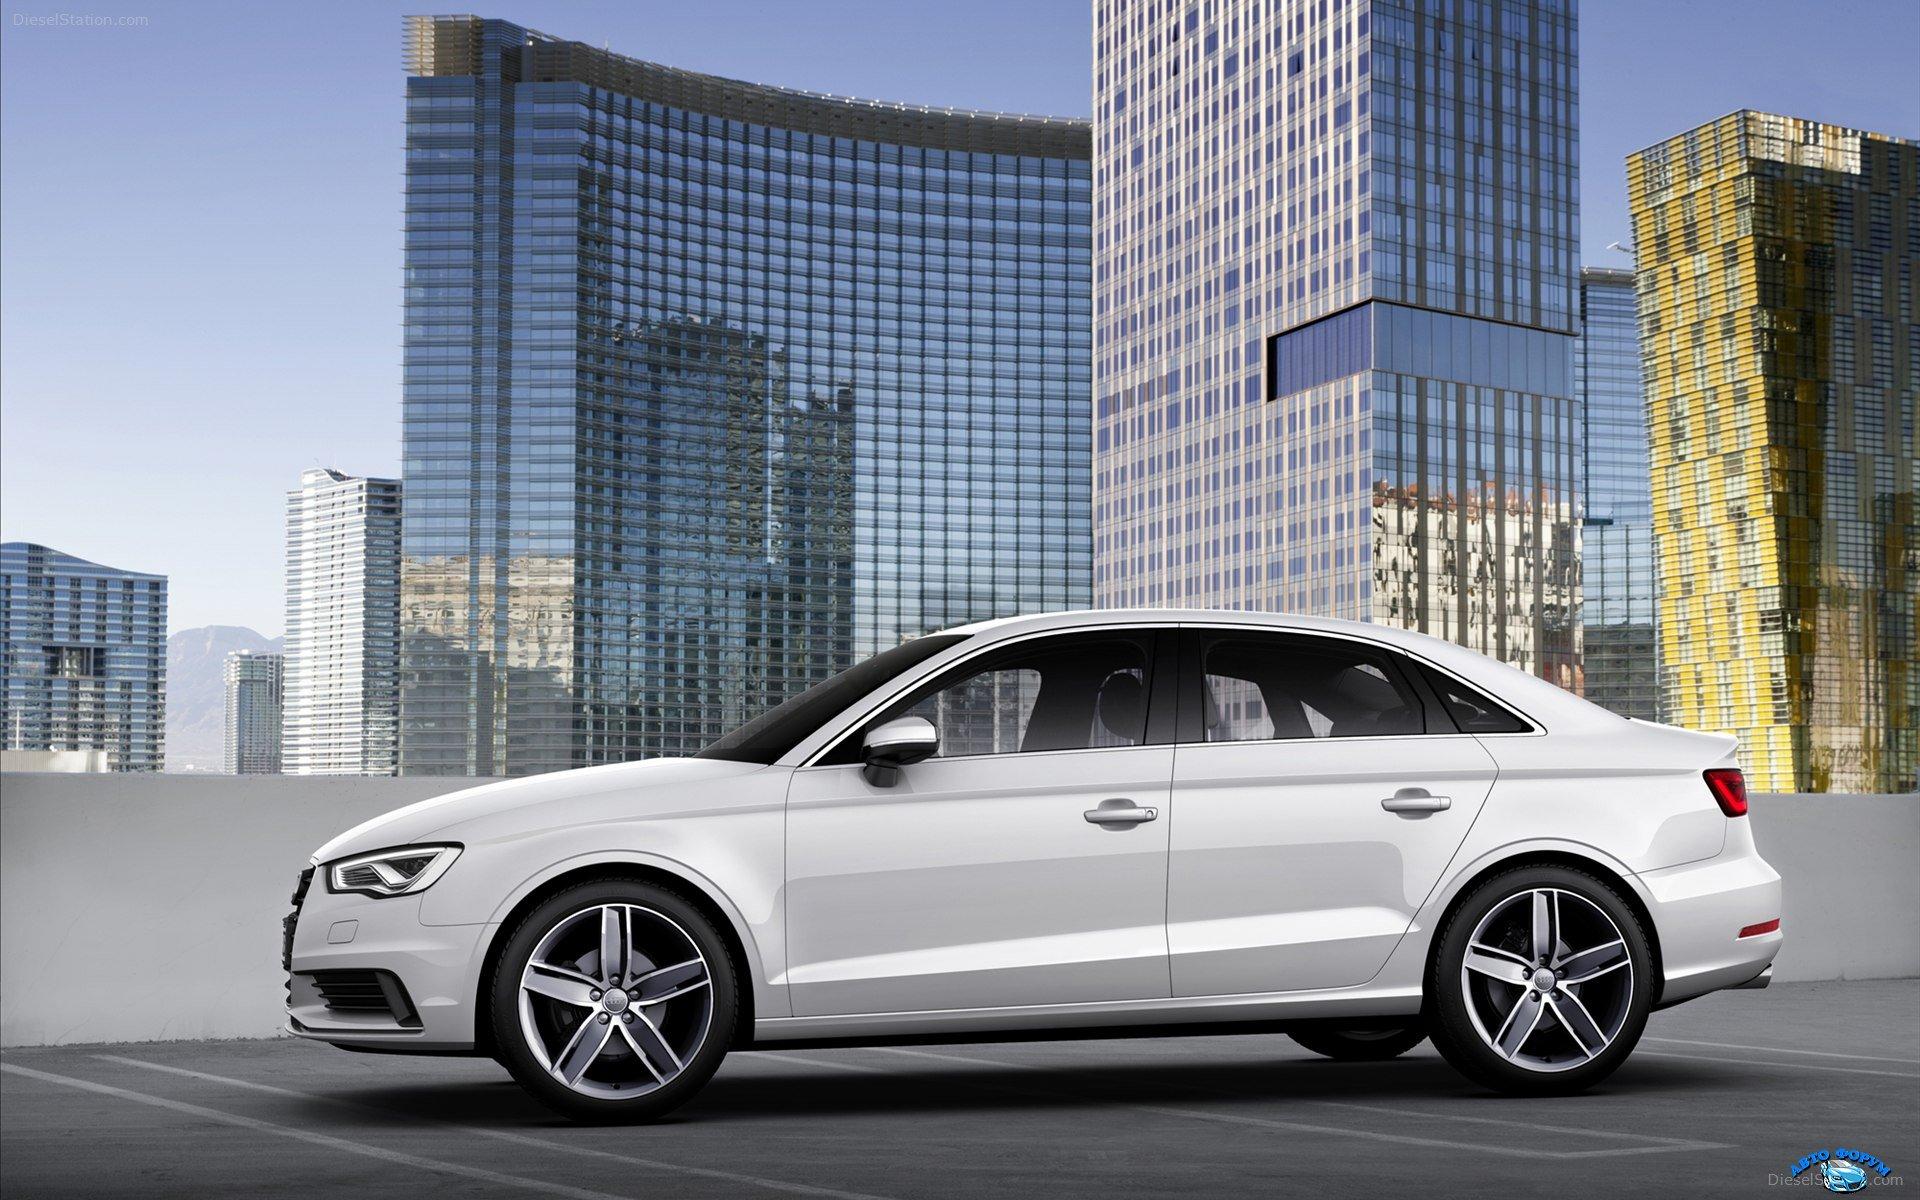 Audi-A3-Sedan-2014-widescreen-03.jpg